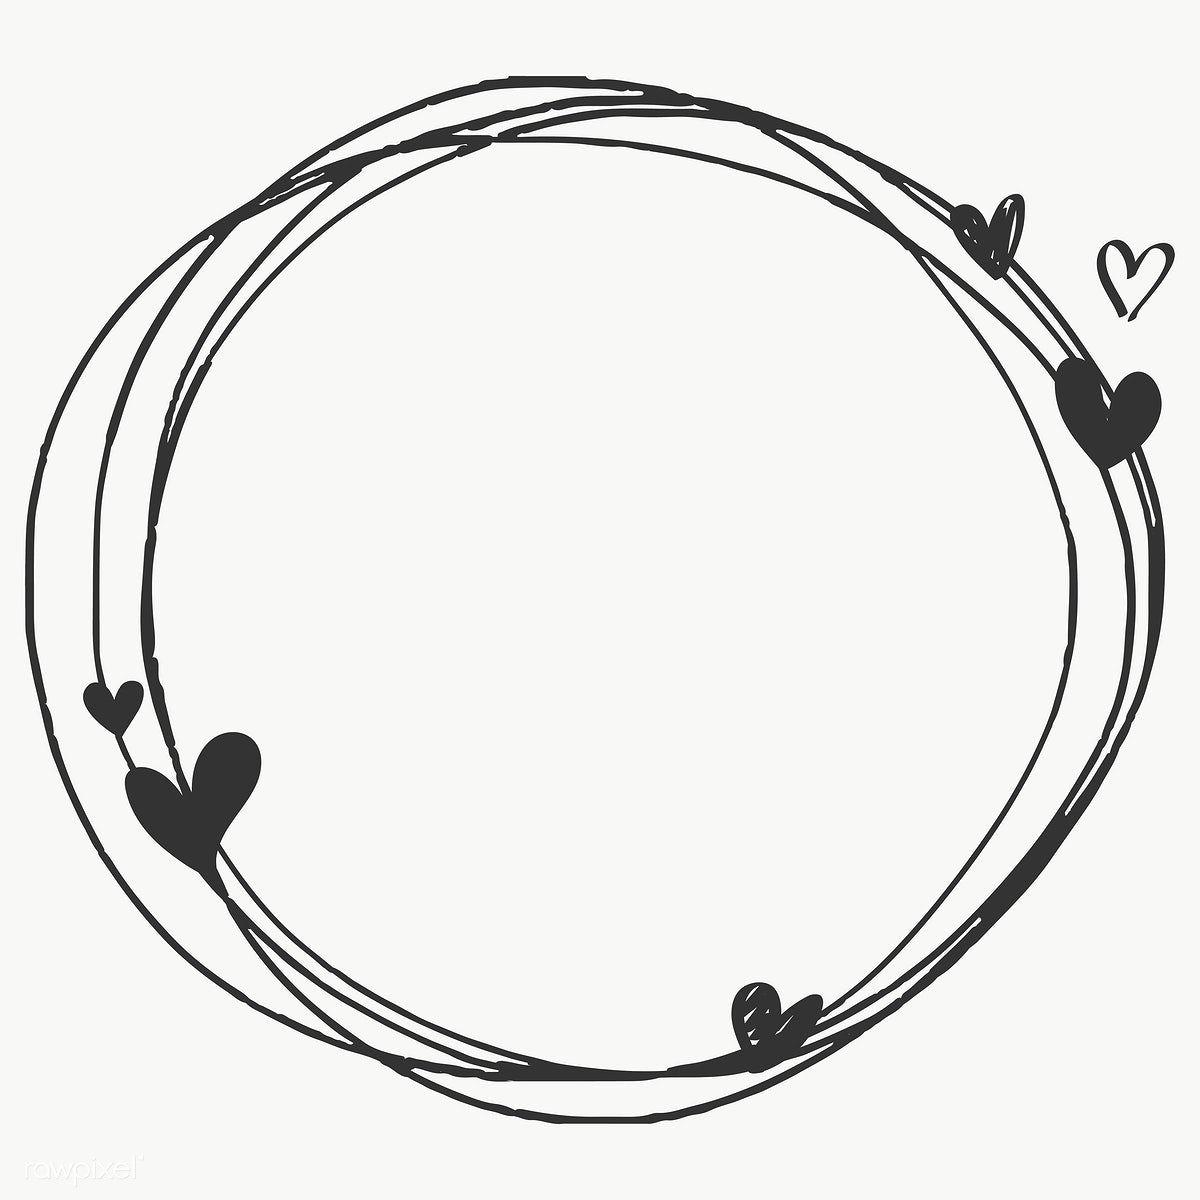 Doodle Heart Frame Transparent Png Free Image By Rawpixel Com Sasi Heart Frame Doodle Frames Floral Logo Design